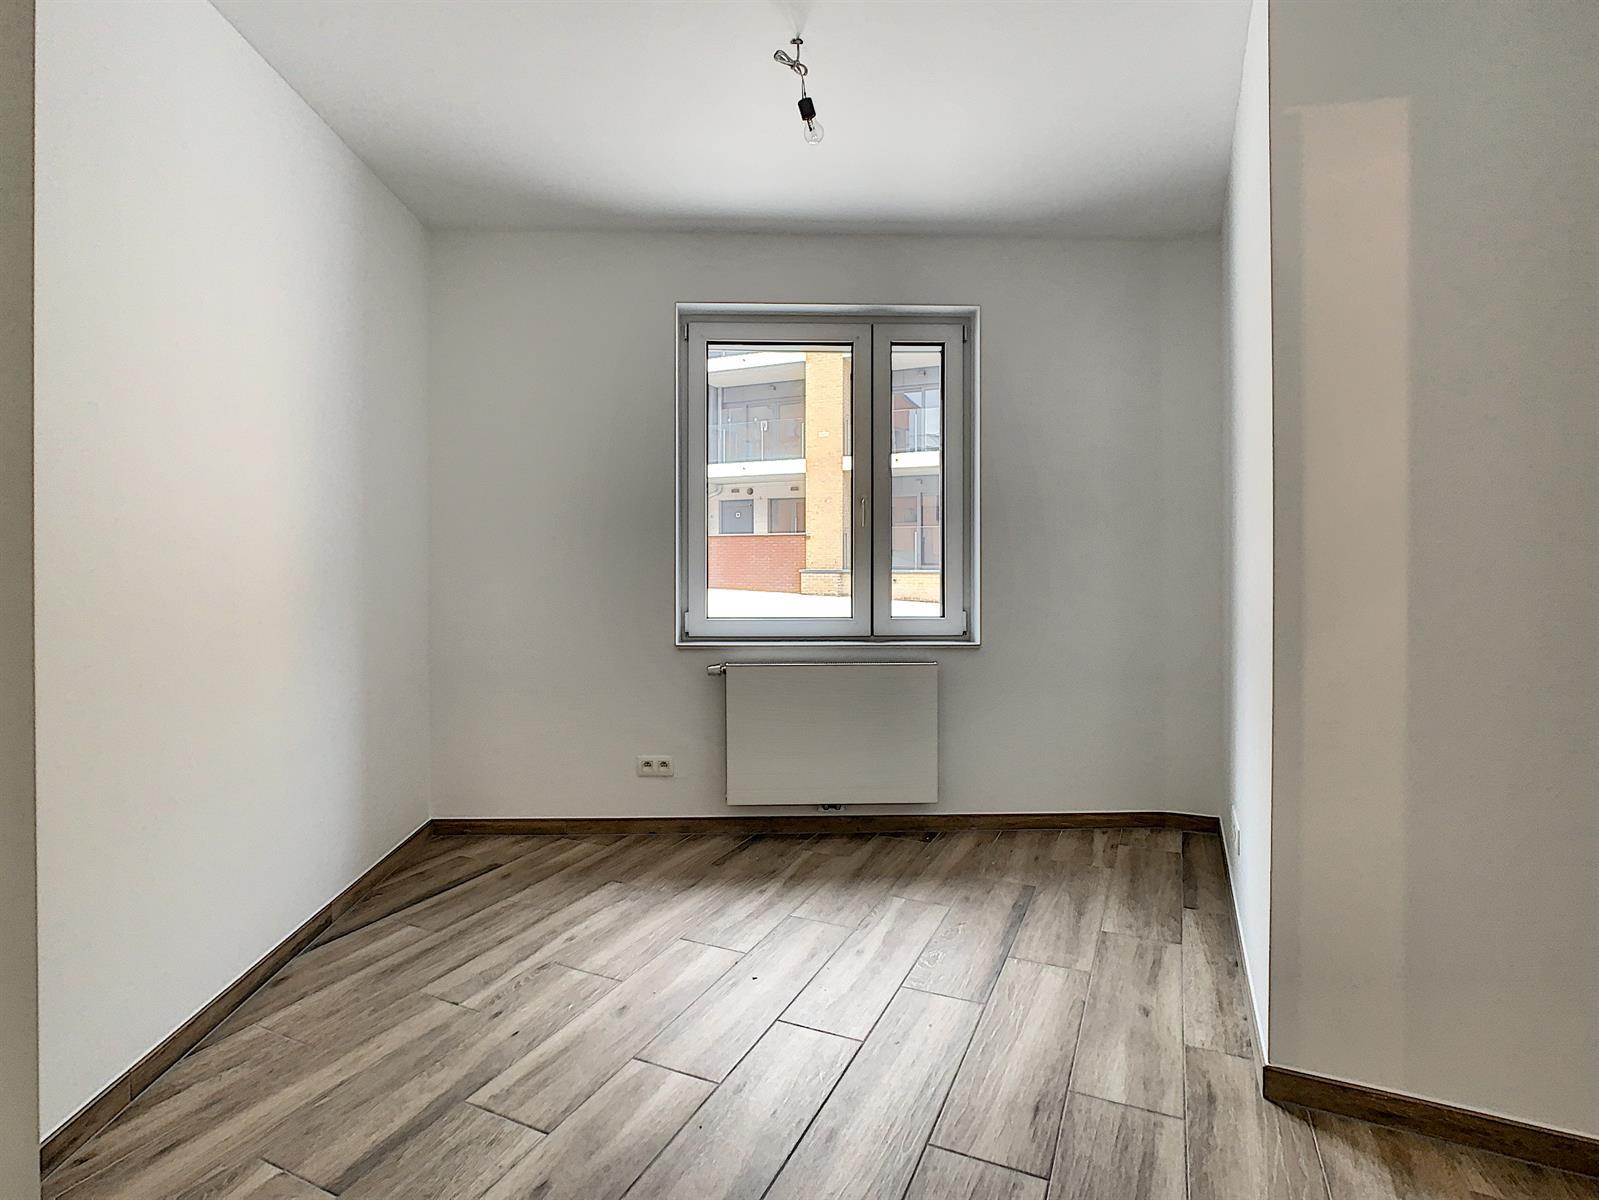 Appartement - Louvain-la-Neuve - #4149935-10